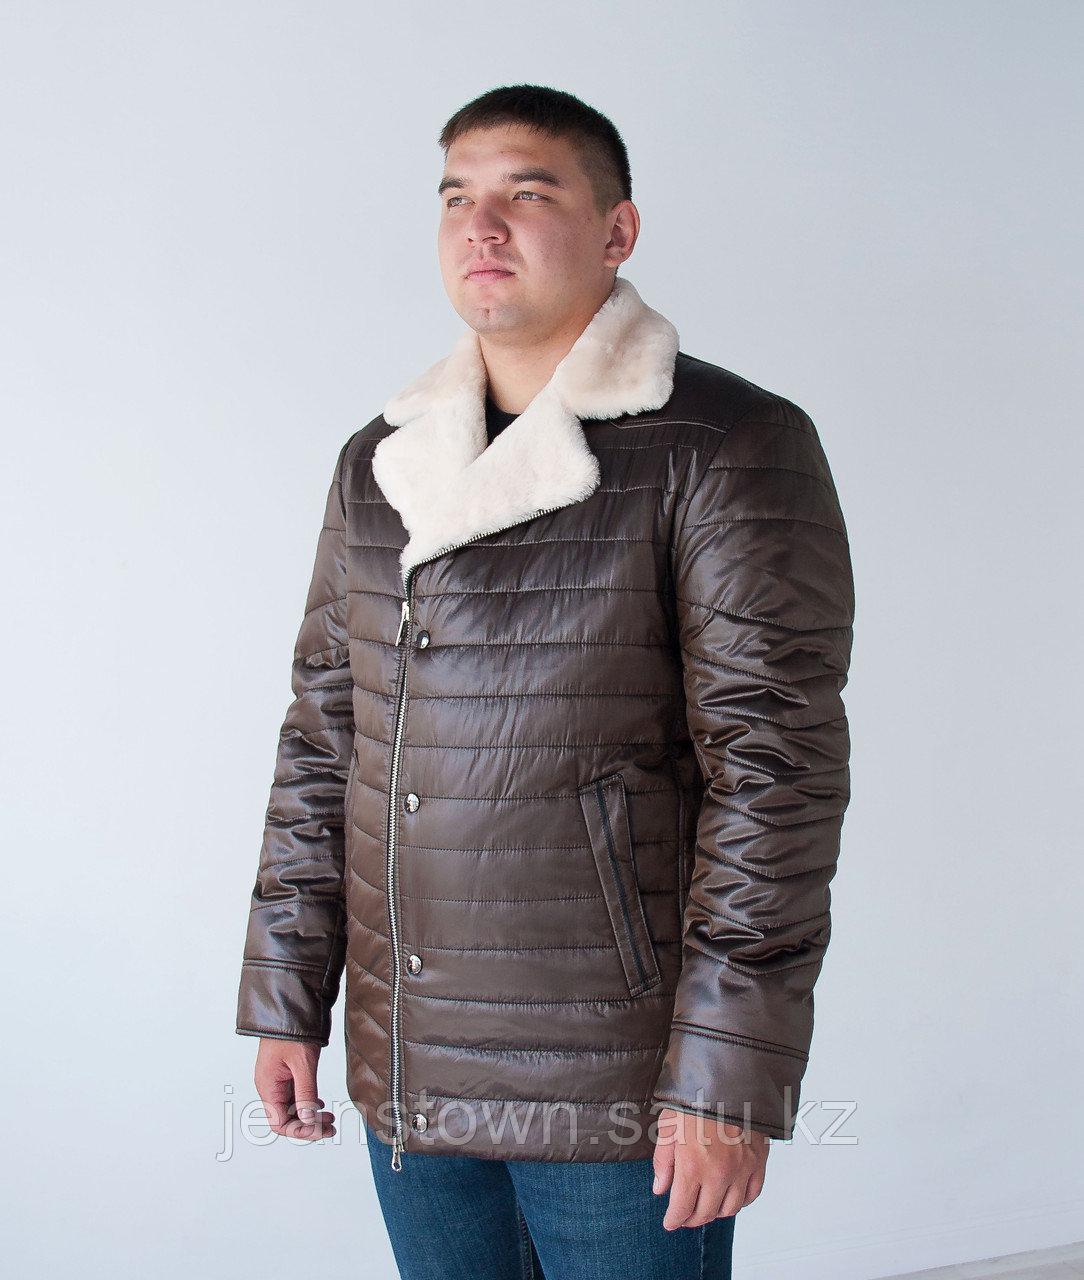 Мужская  классическая  зимняя куртка  City Class, натуральный мех  мутона на воротнике, коричневая